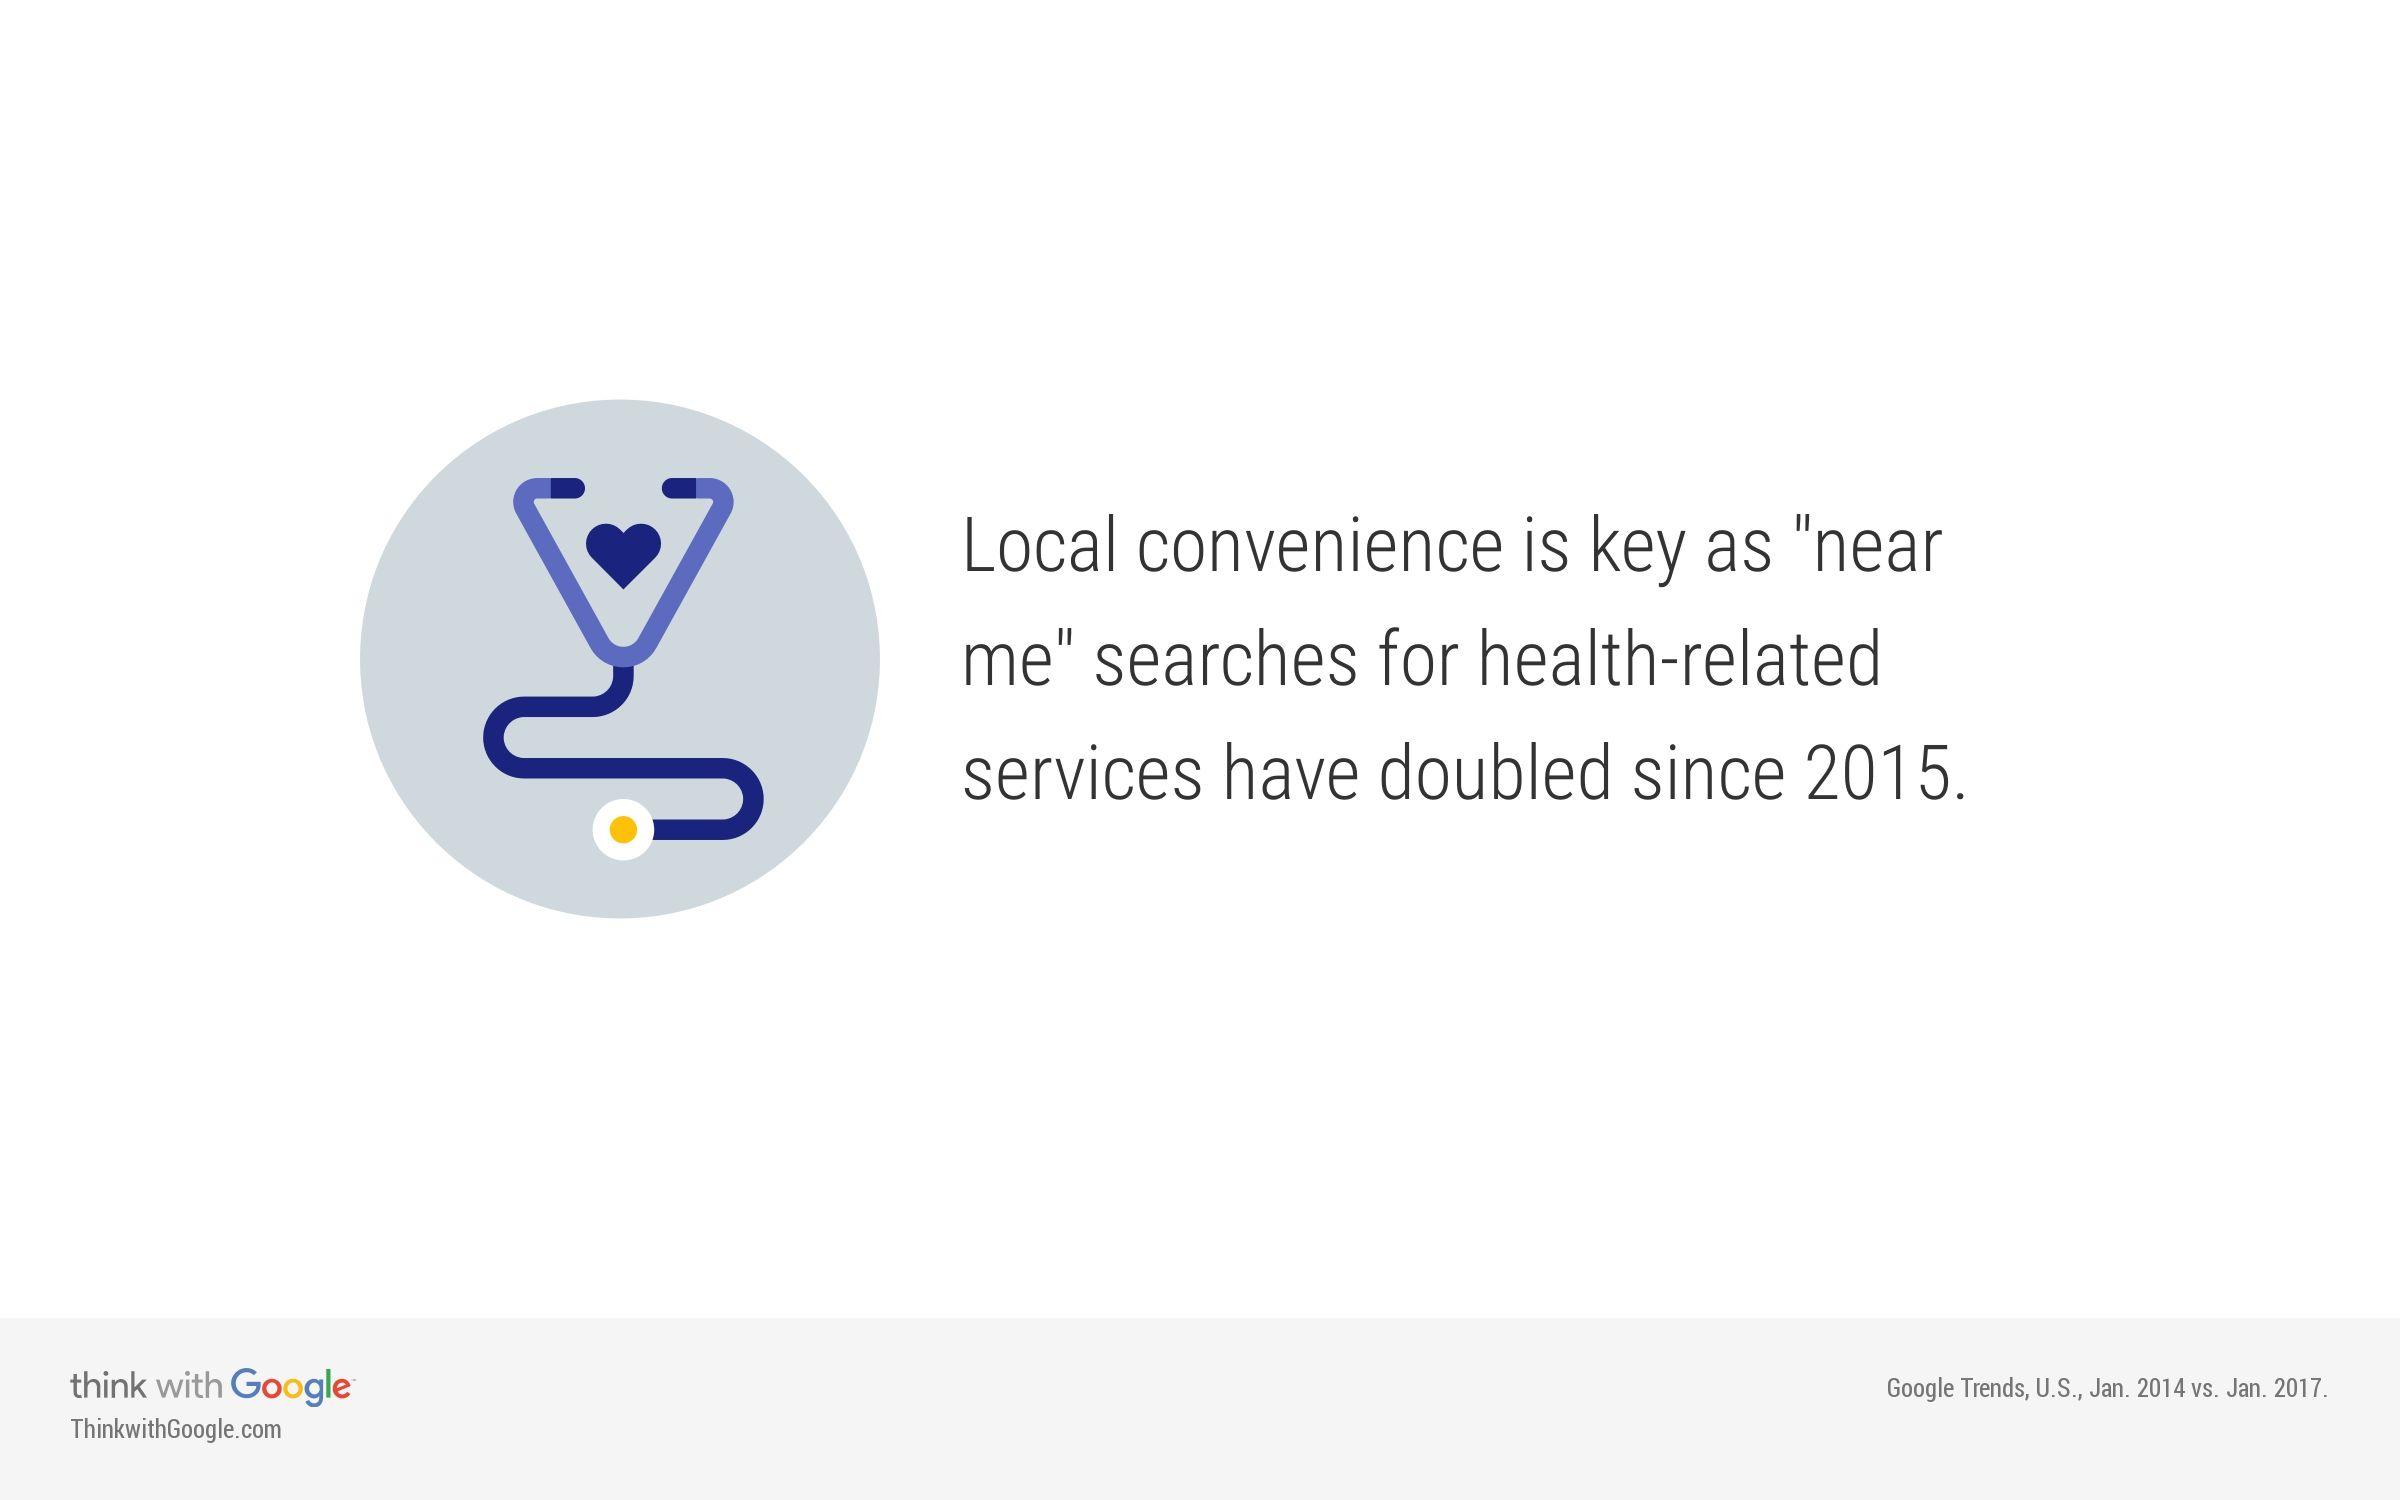 Οι αναζητήσεις των χρηστών για ιατρικές υπηρεσίες κοντά τους έχουν διπλασιαστεί σε σχέση με τα δεδομένα του 2015